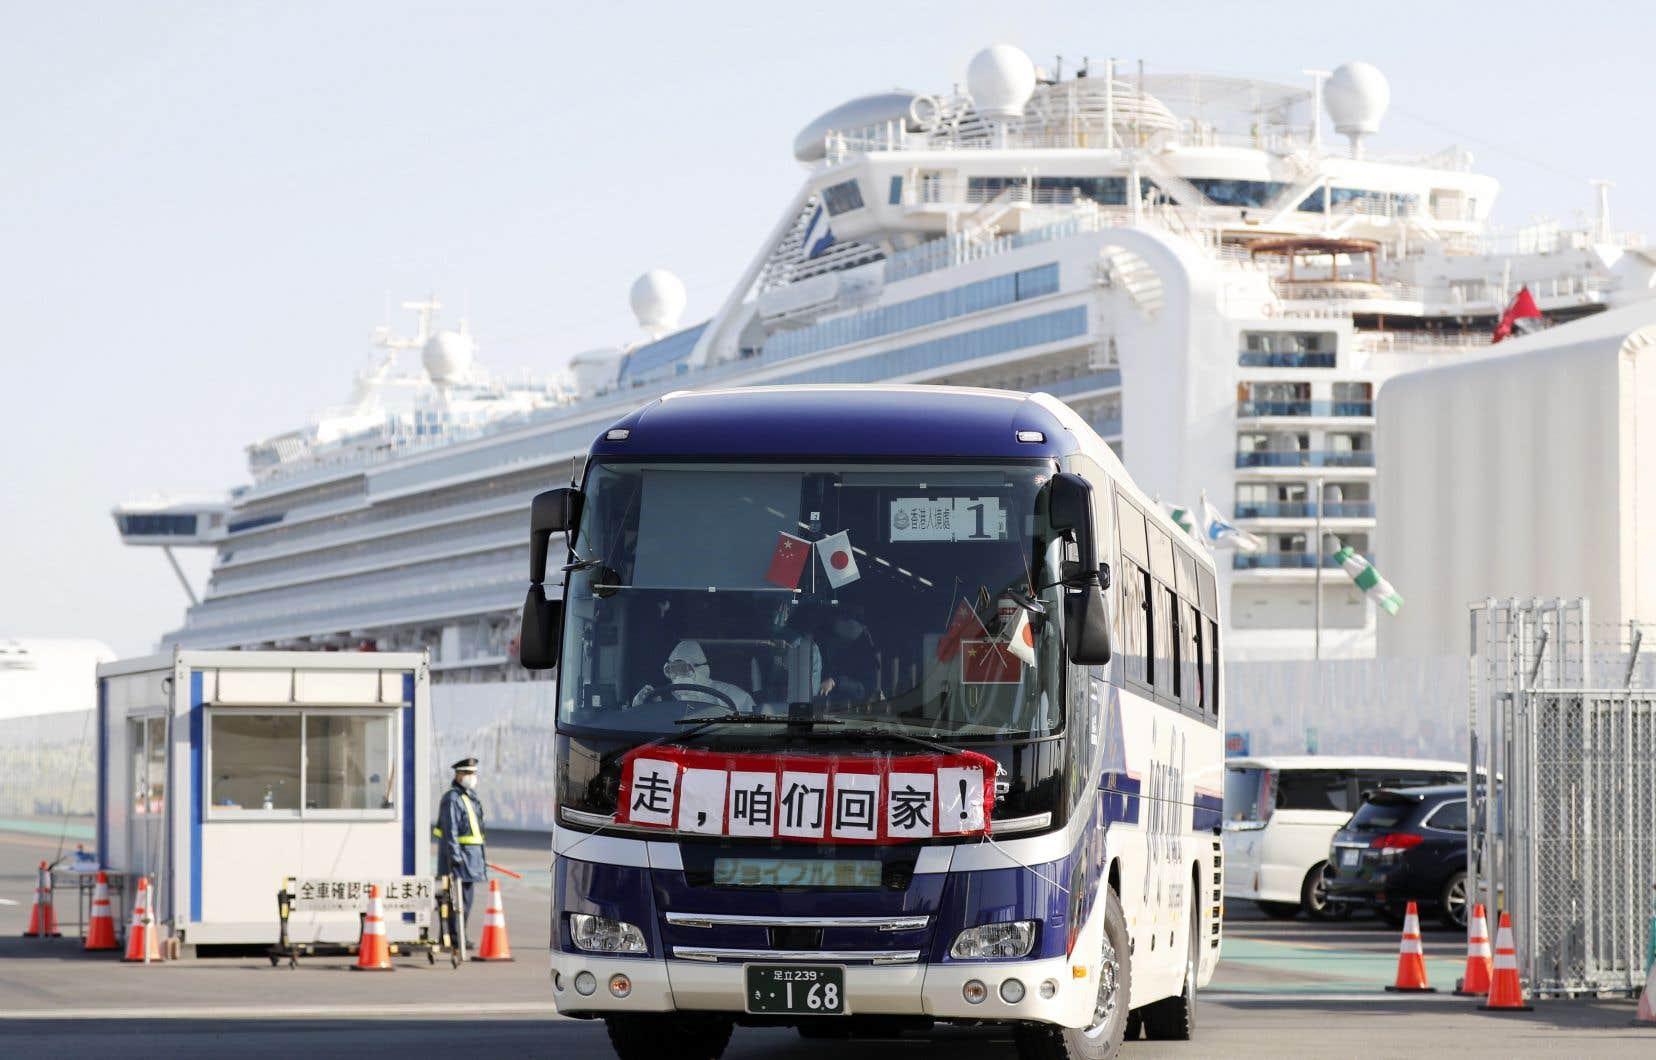 En tout, 256 Canadiensétaient passagers sur le navire de croisière «Diamond Princess».